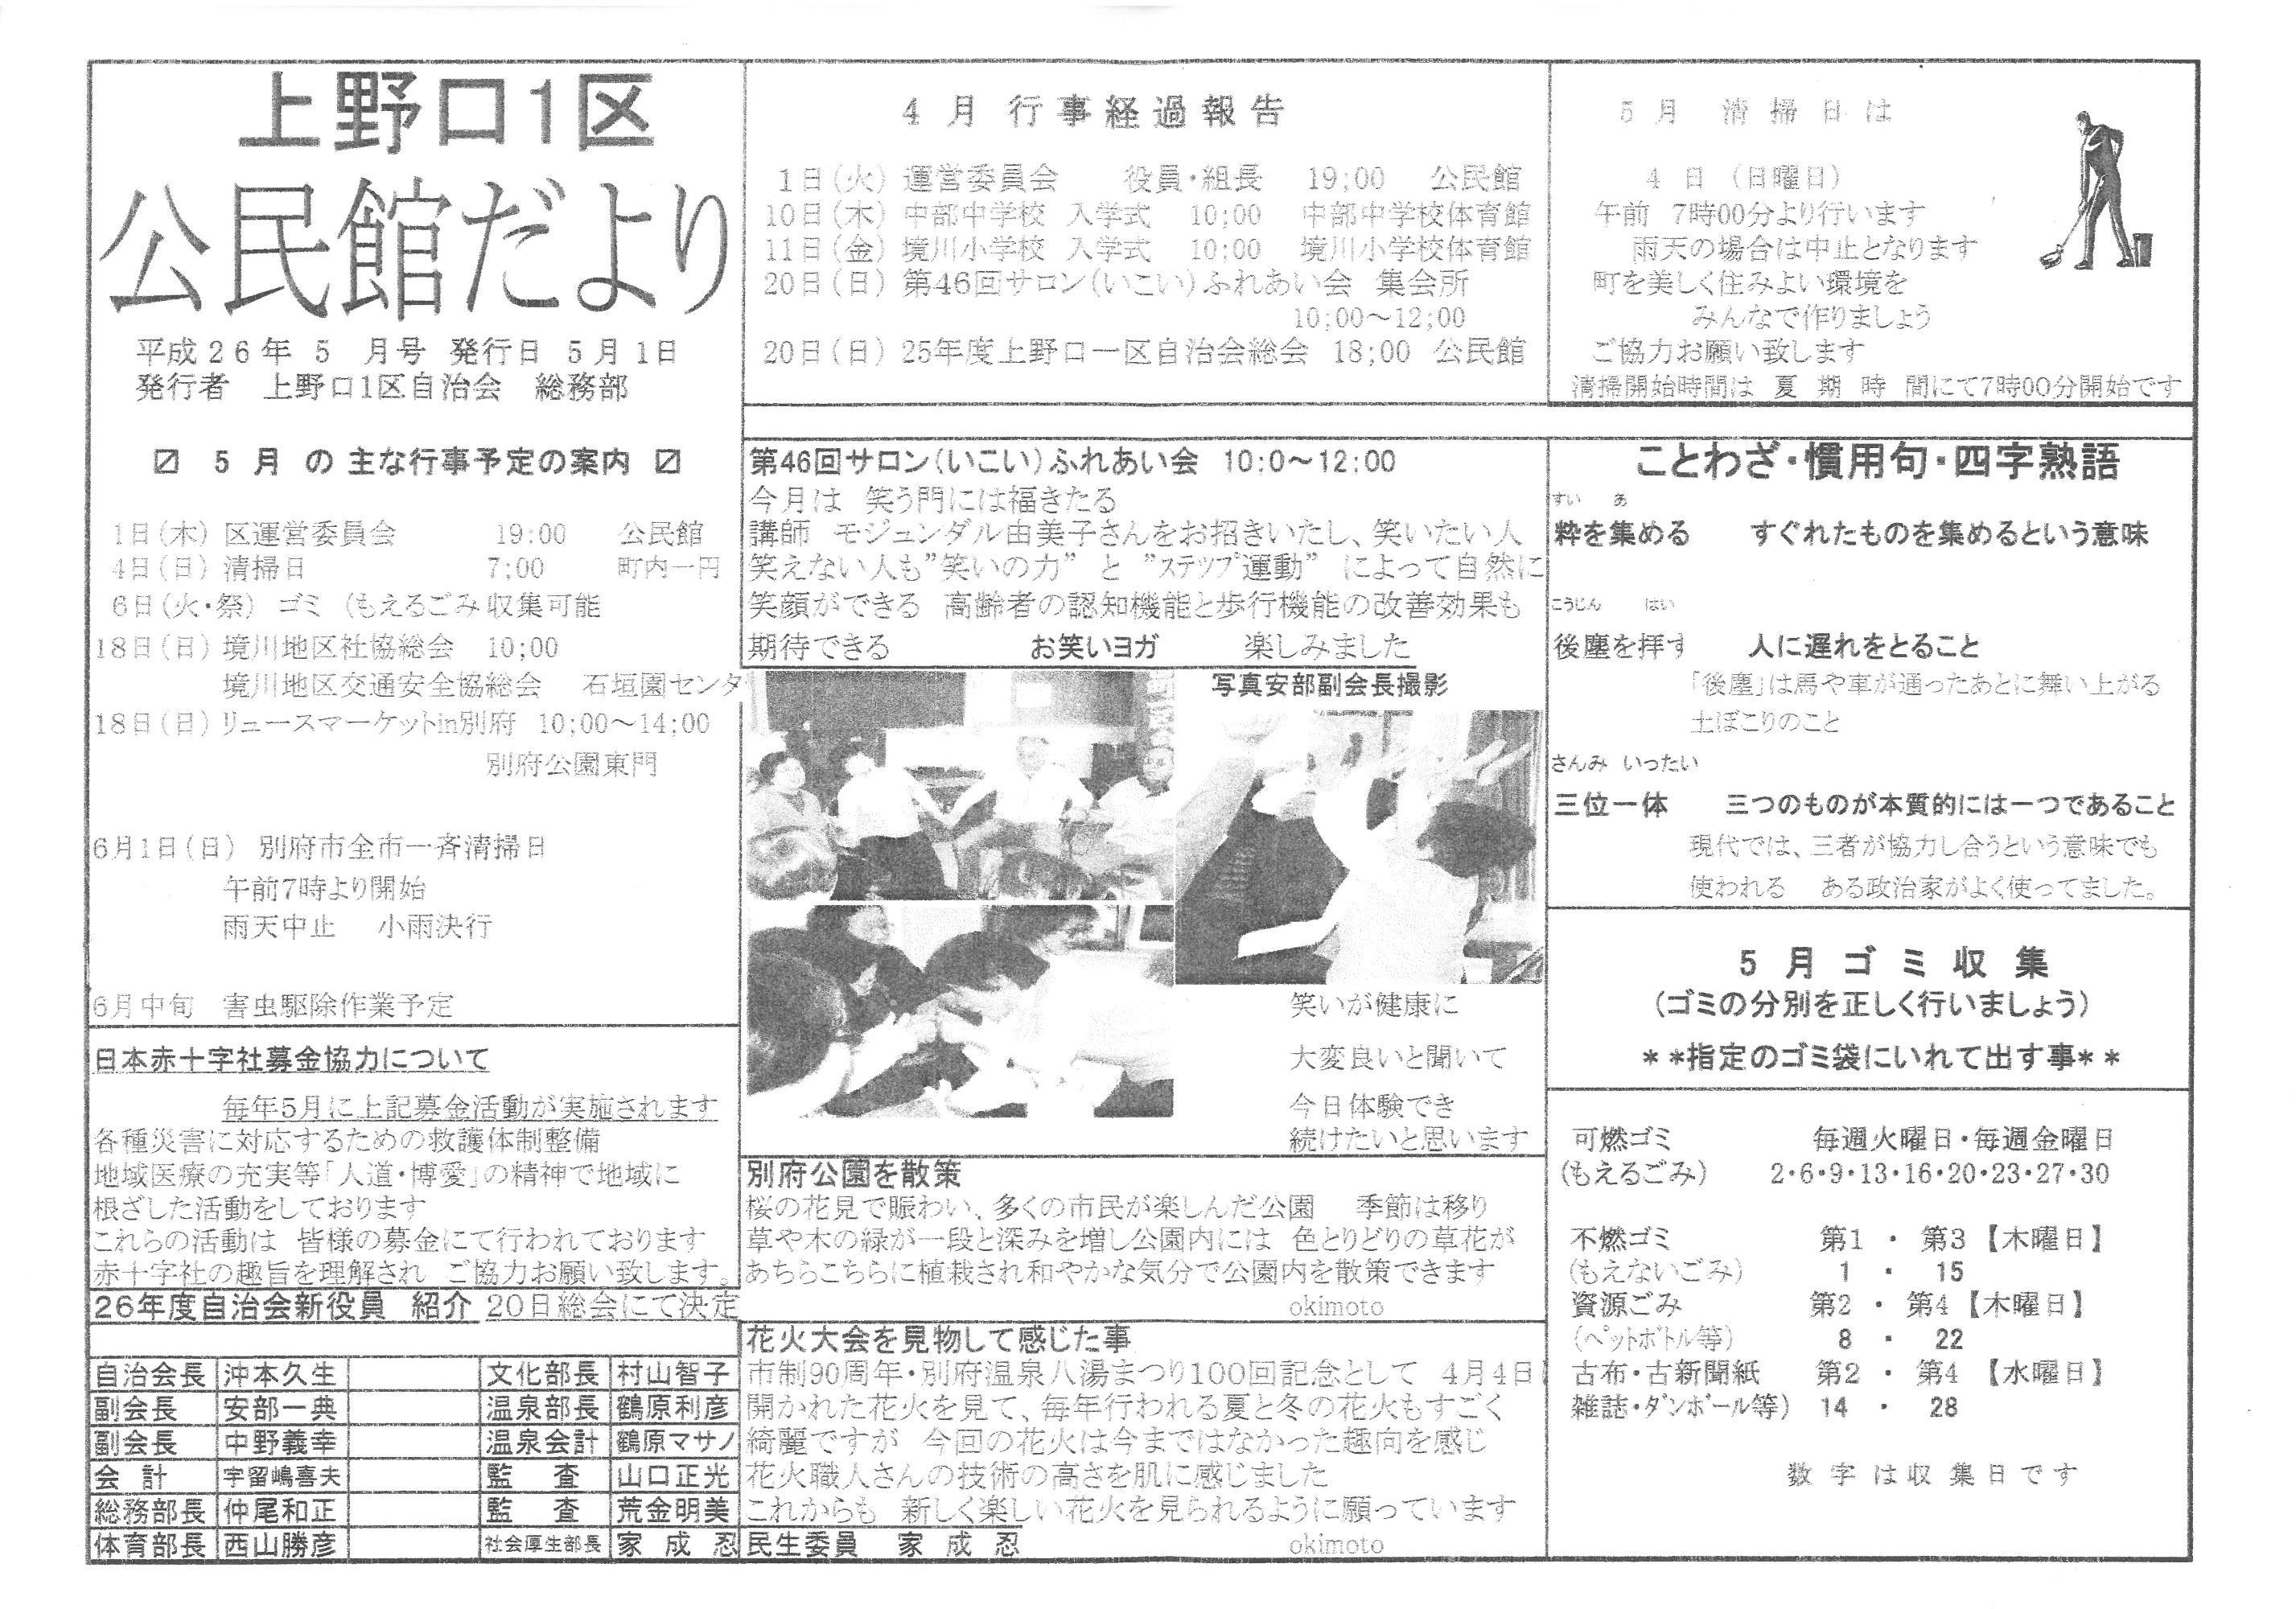 kaminoguchi1ku_2014_05